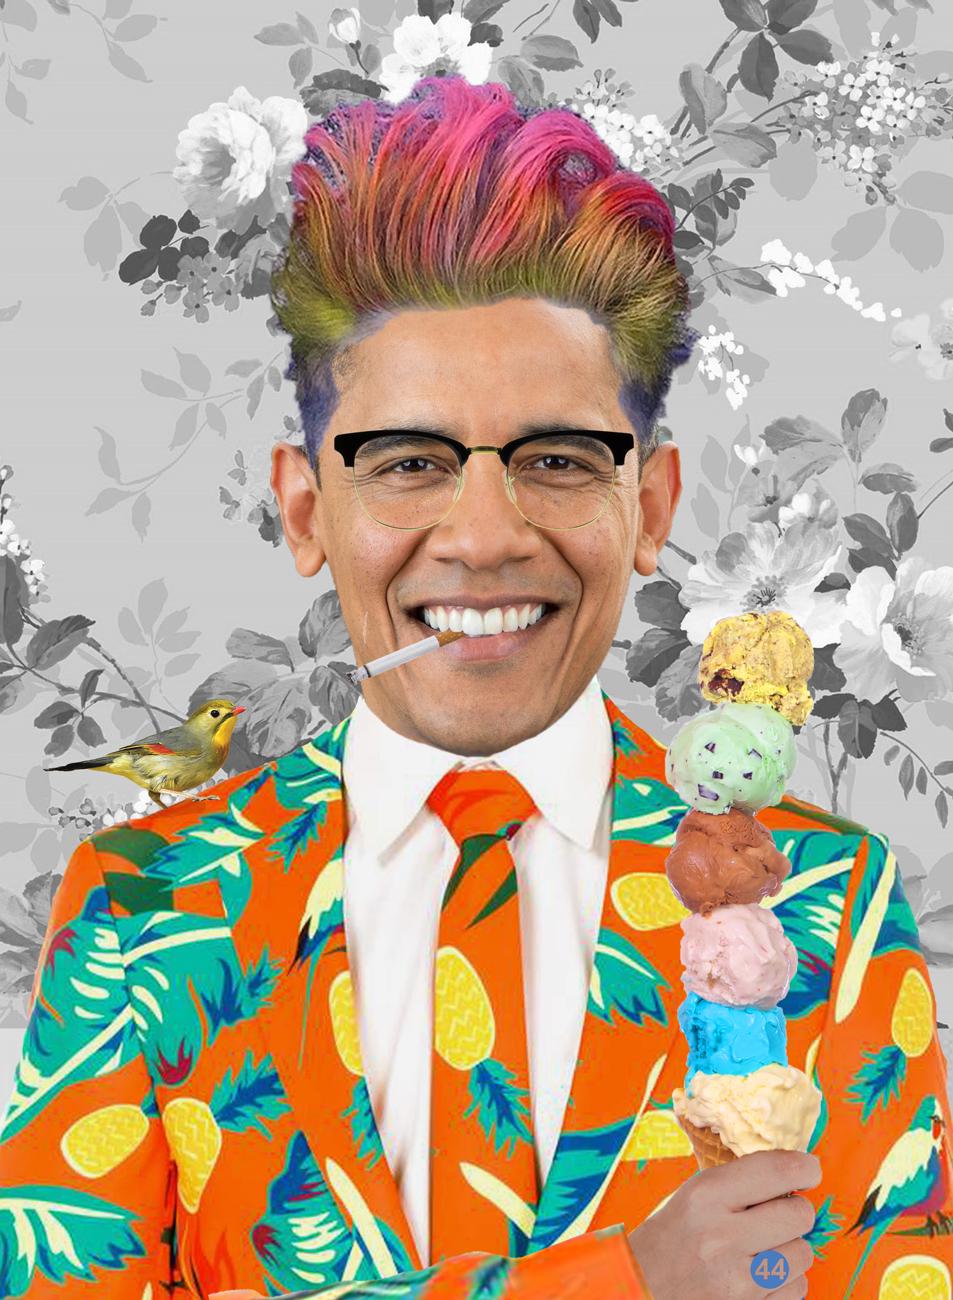 Julia_McLaurin_Barack Obama.jpg